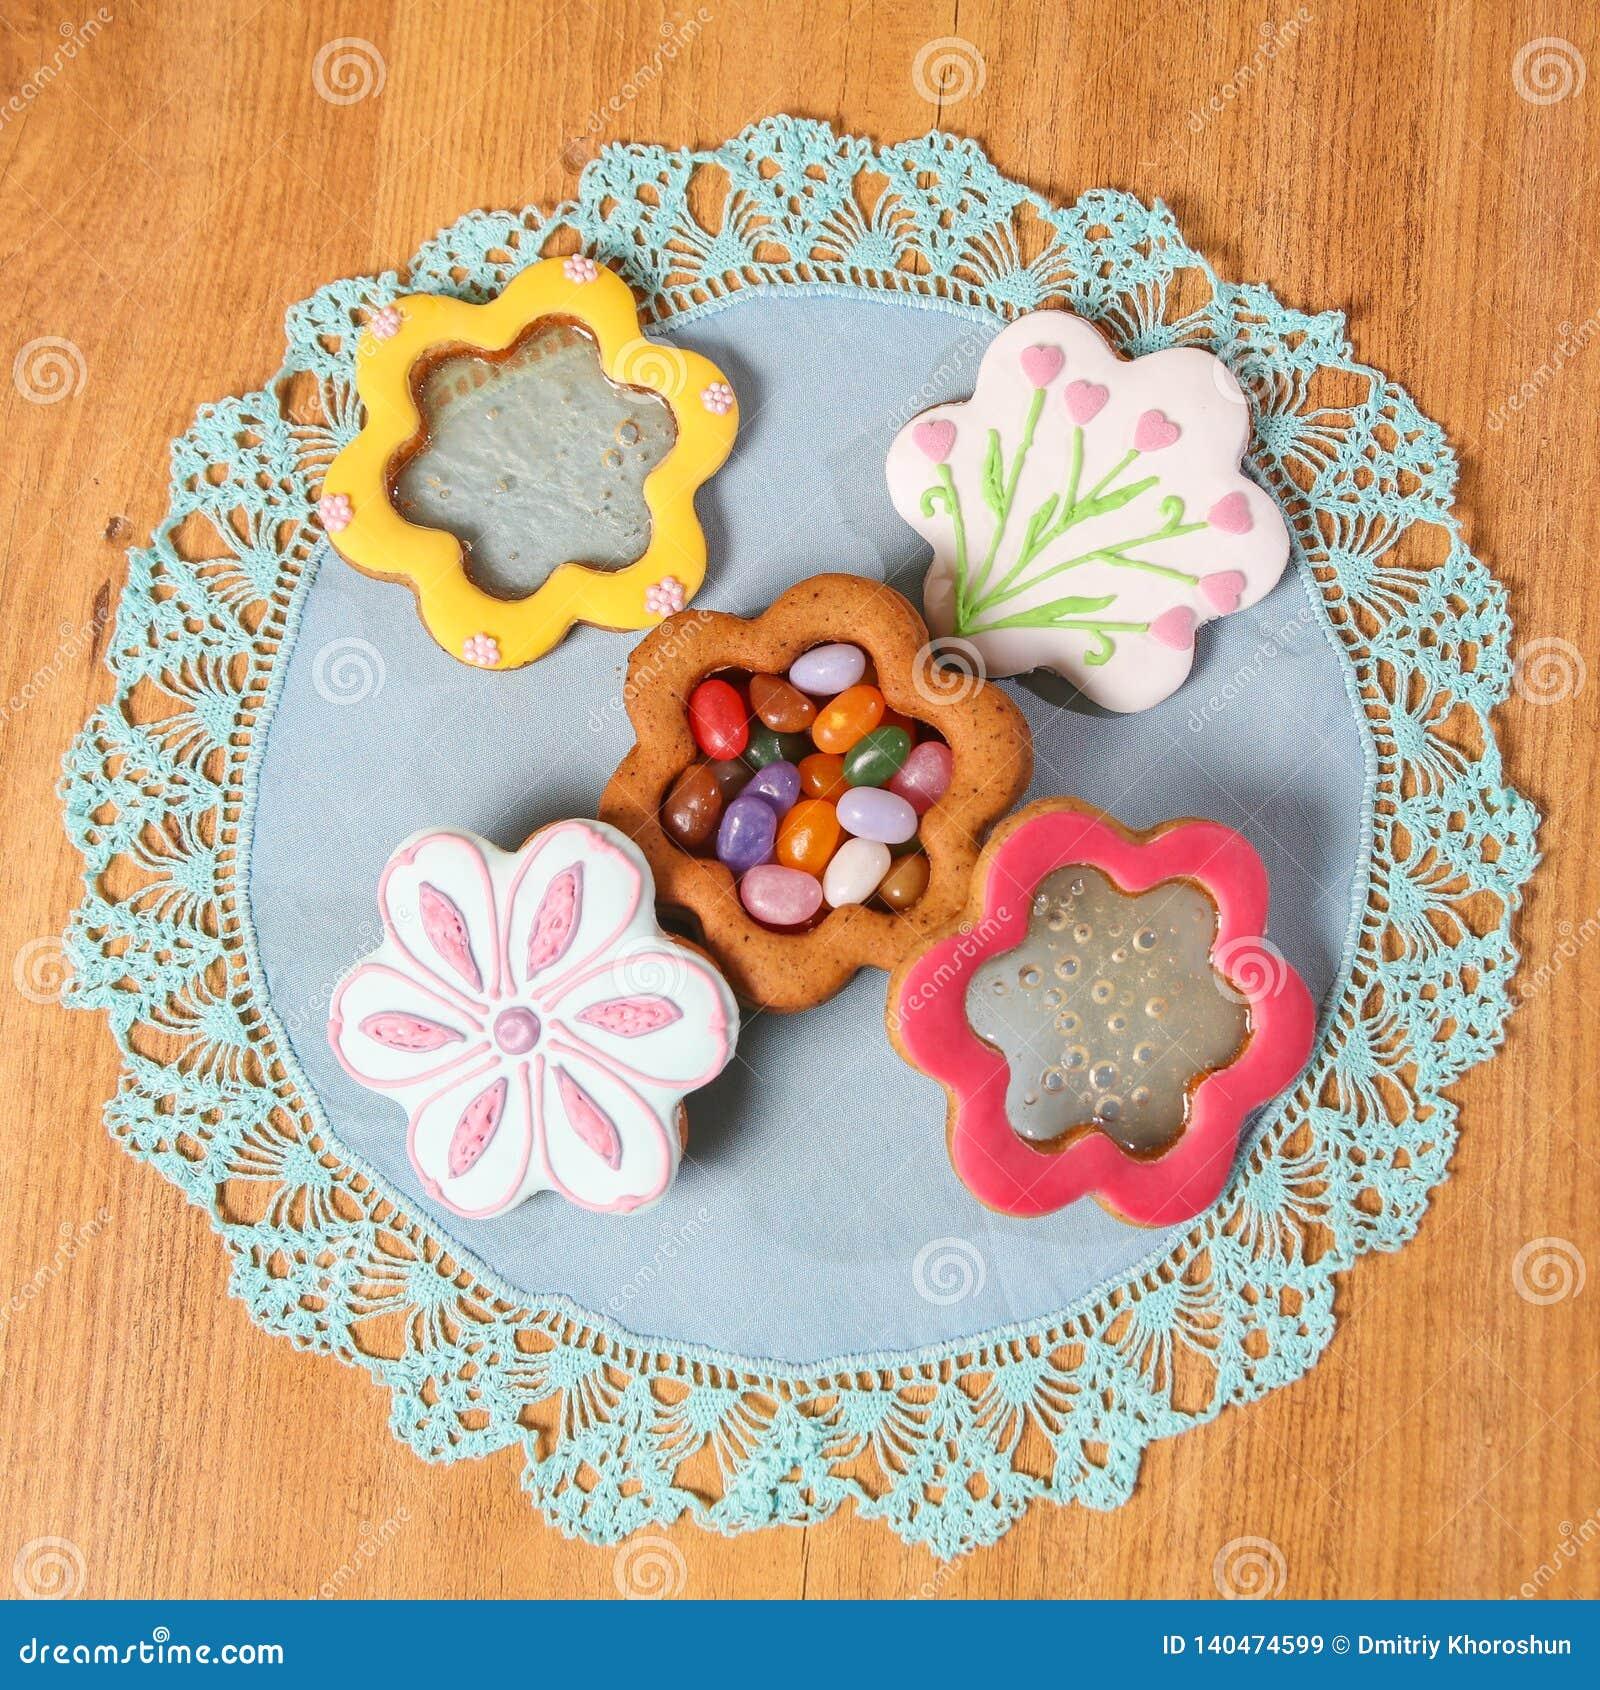 Ginger Cookies Fait Maison Sous Forme De Boite A Bijoux Sur La Serviette Bleue Sur Le Fond En Bois Vue De Plan Rapproche Place Image Stock Image Du Bois Cookies 140474599